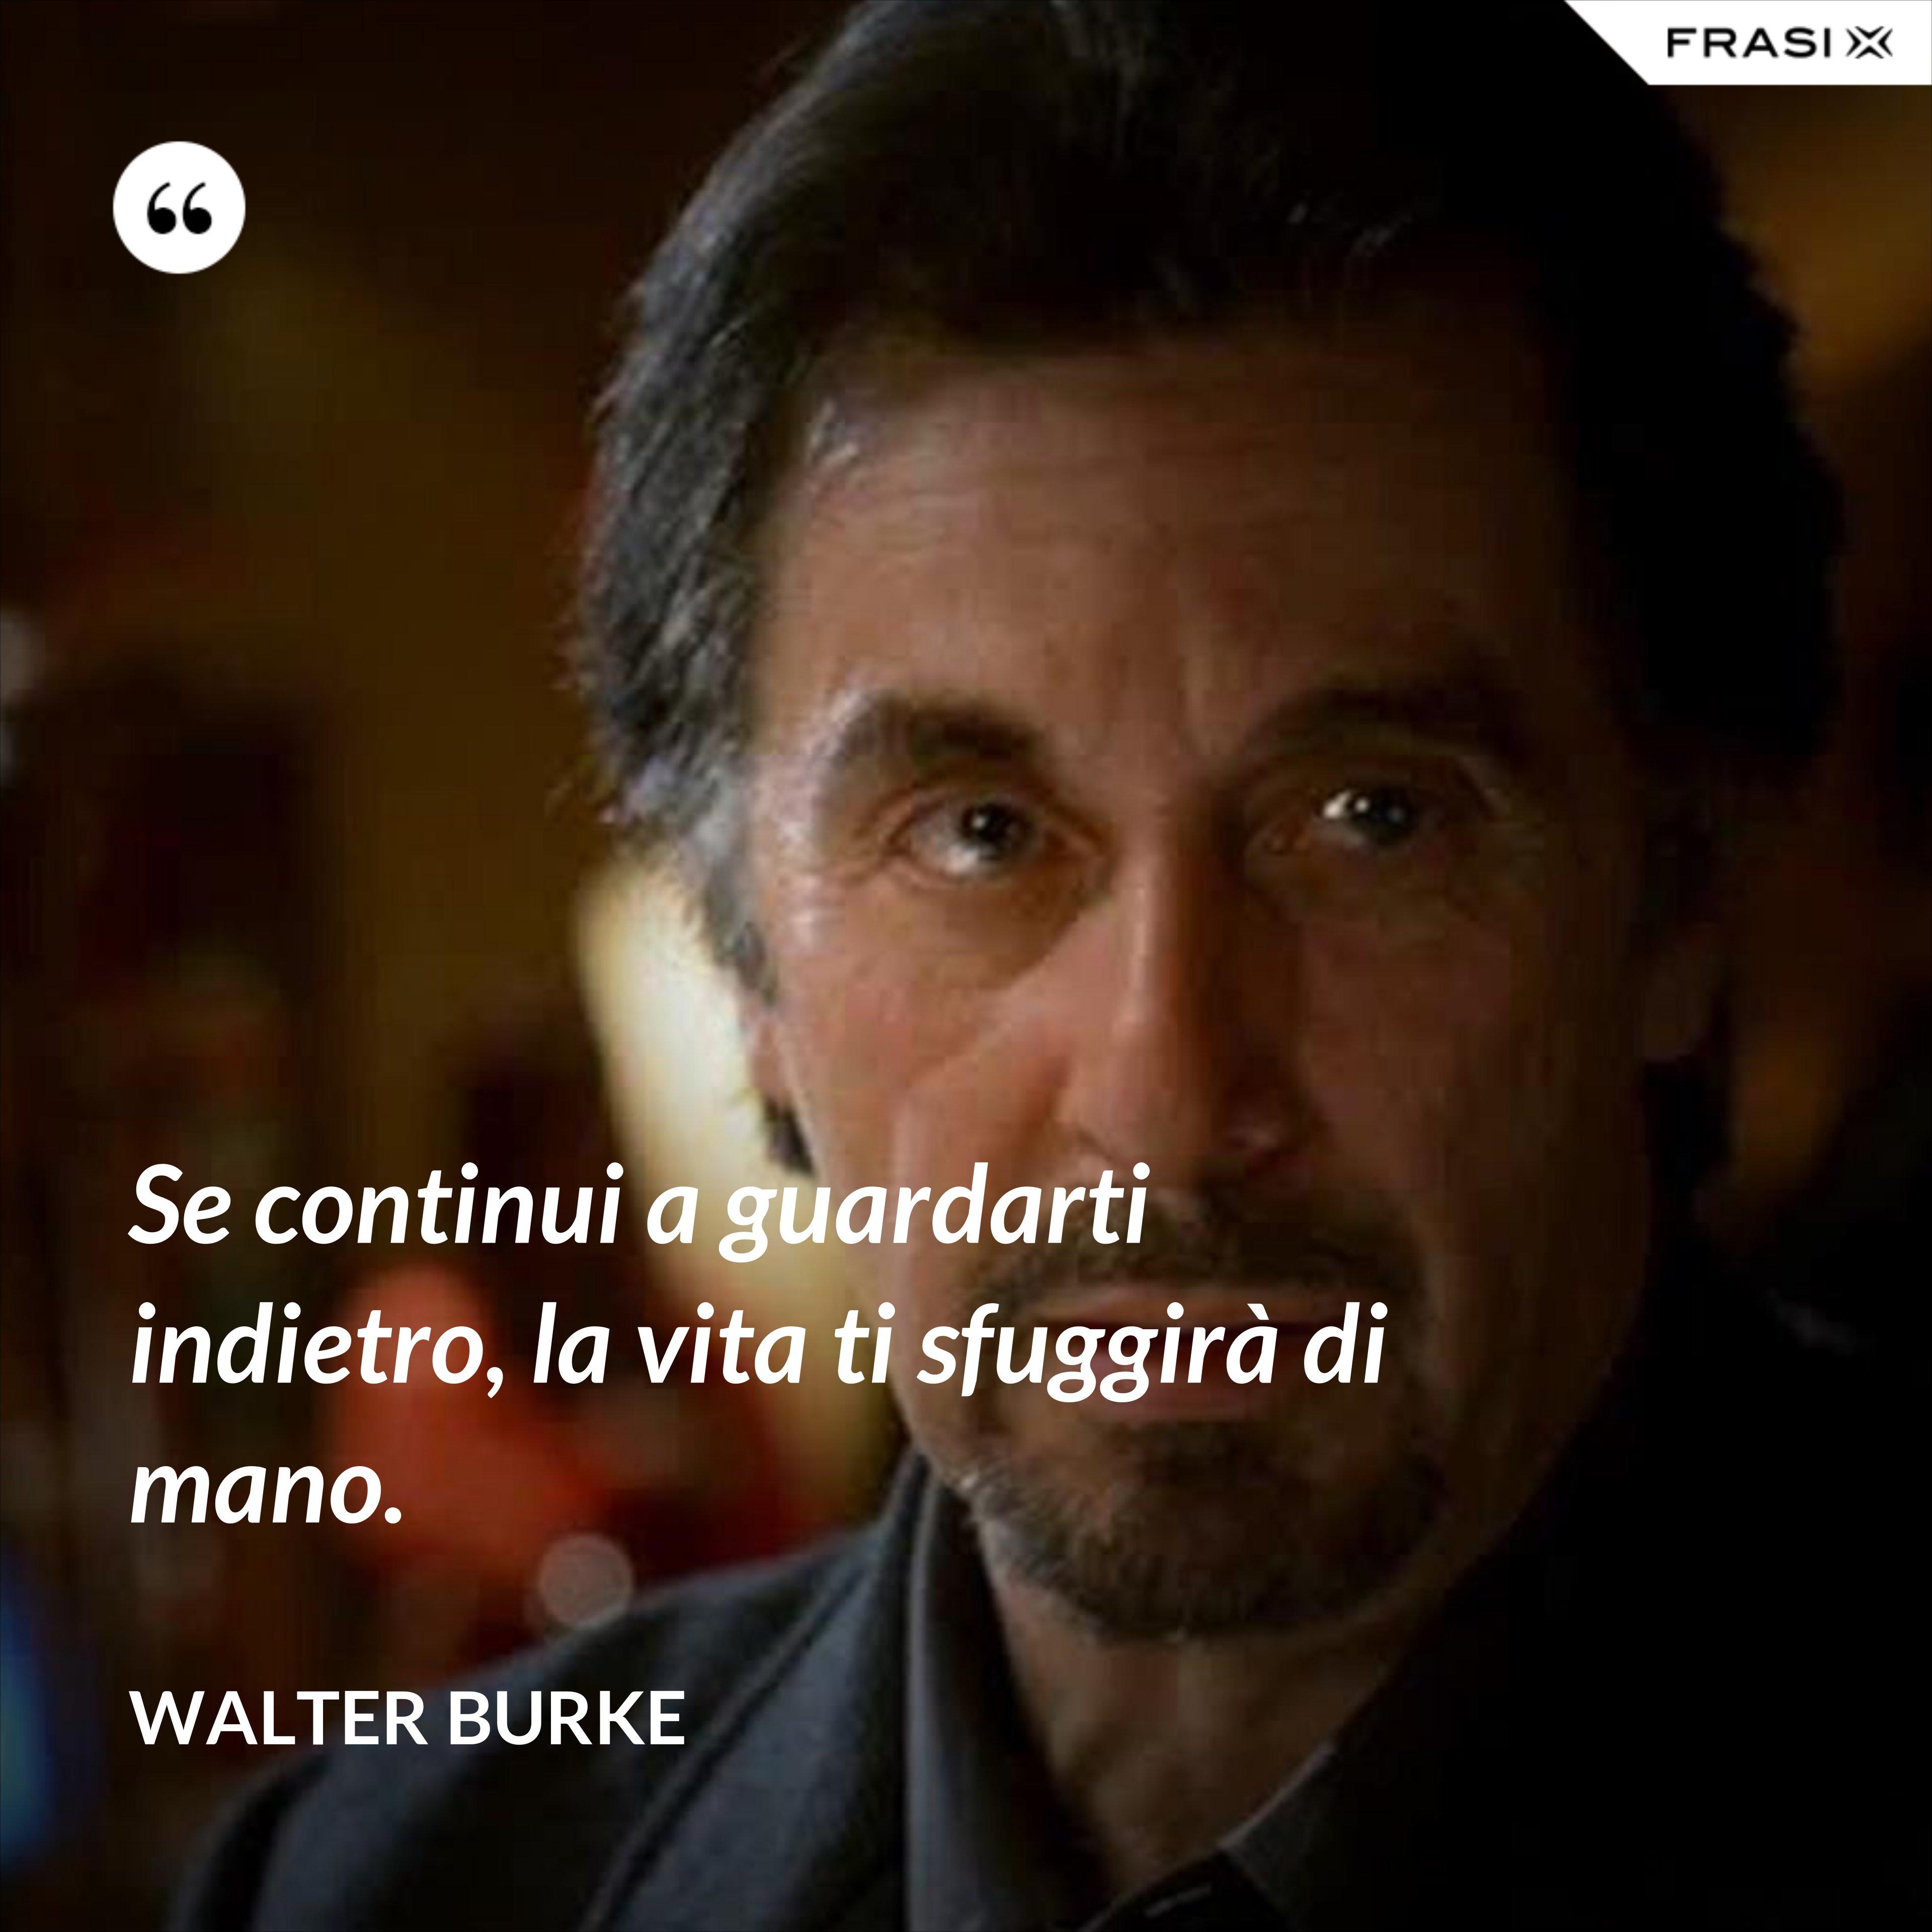 Se continui a guardarti indietro, la vita ti sfuggirà di mano. - Walter Burke